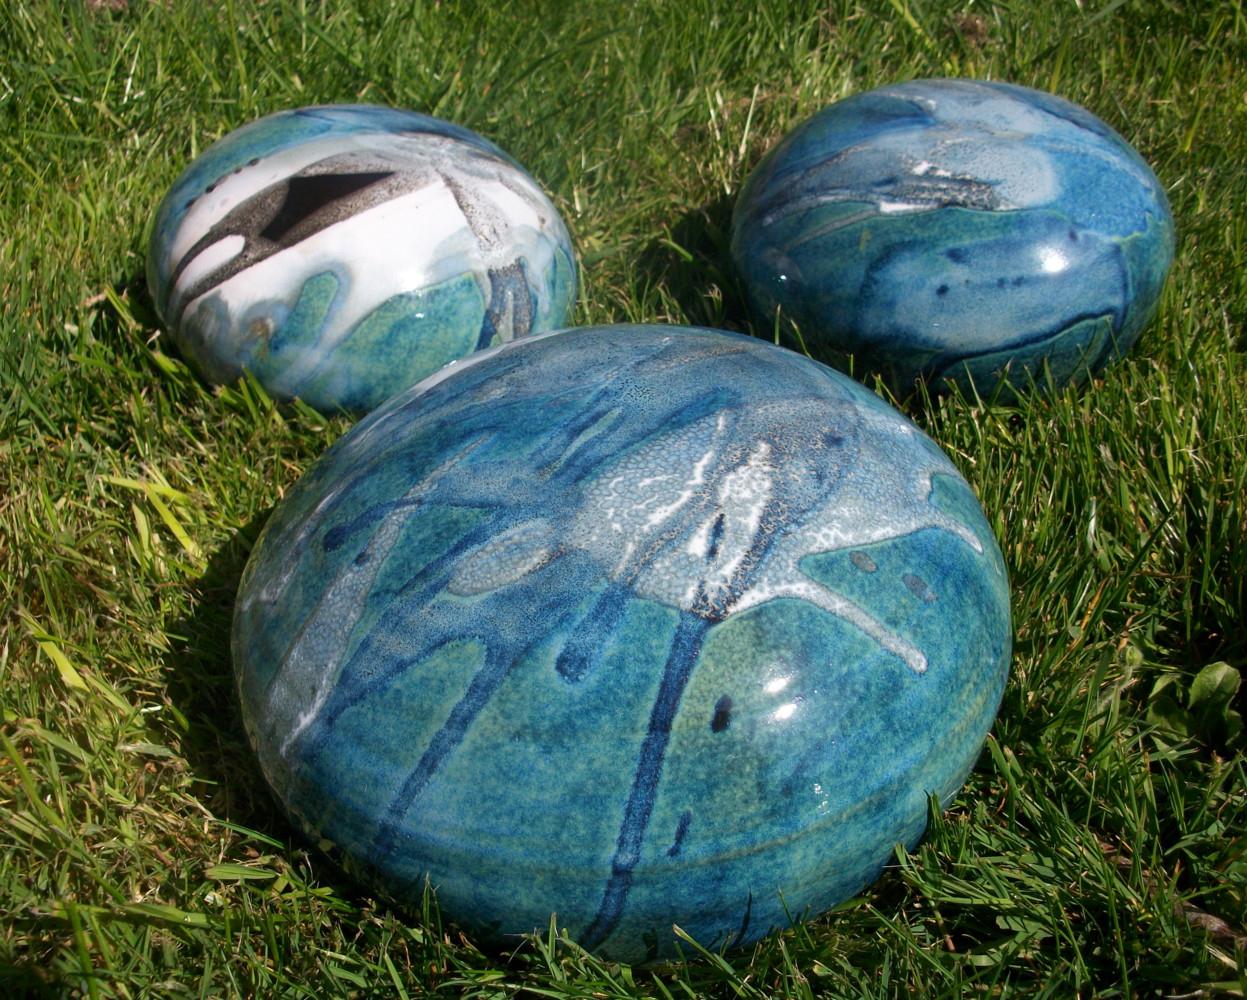 Boules En Grès Pour La Décoration Extérieure, Poteries De Jardin serapportantà Boule Céramique Jardin